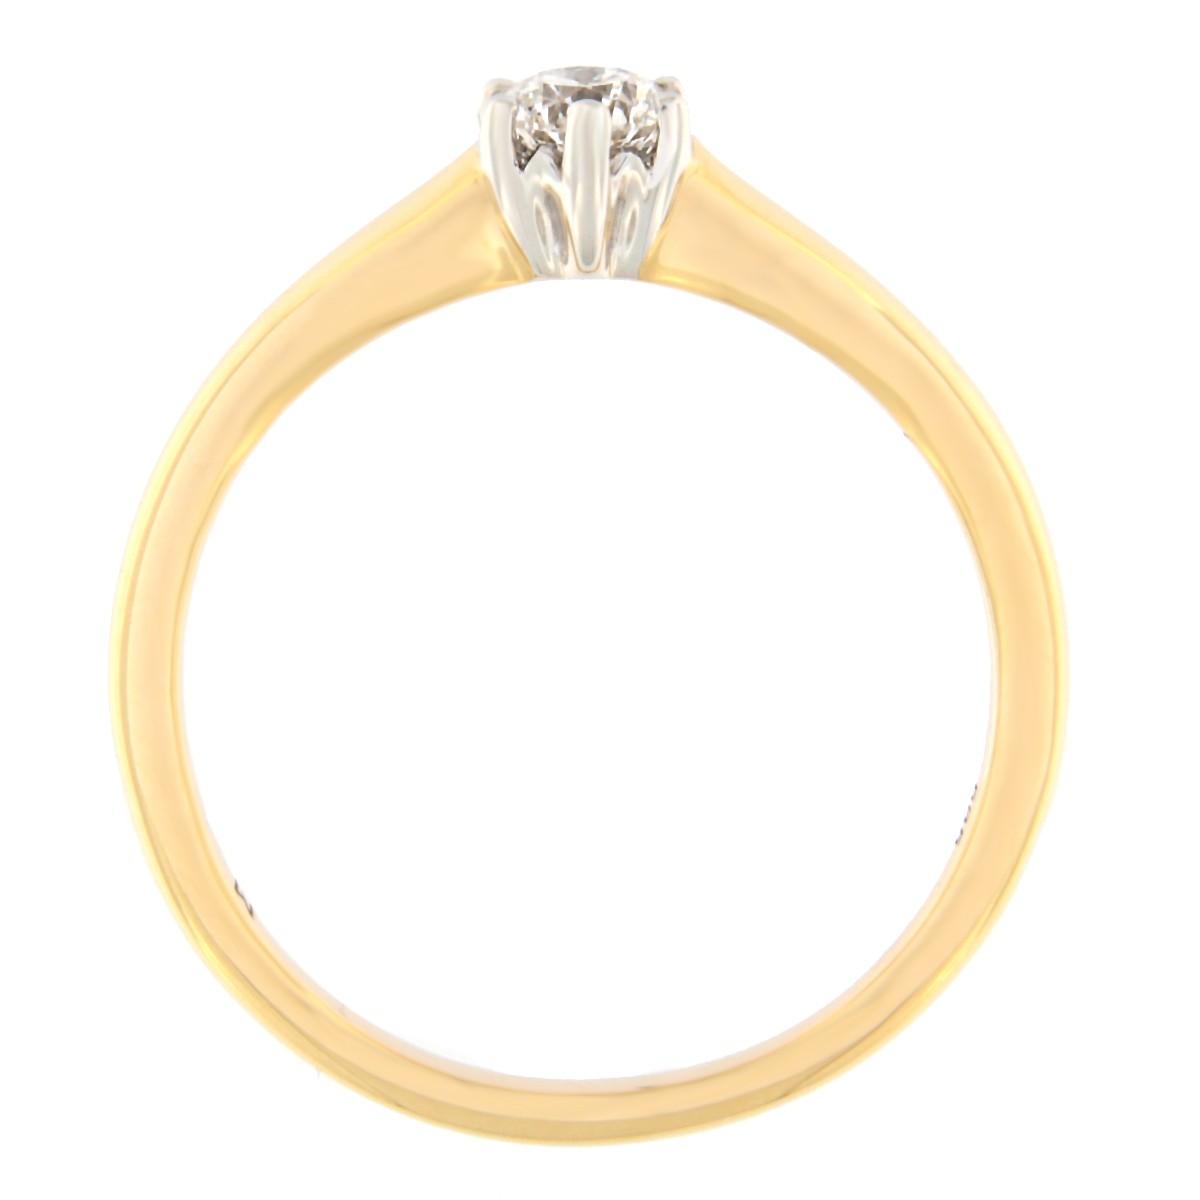 Kullast sõrmus teemantiga 0,25 ct. Kood: 56at